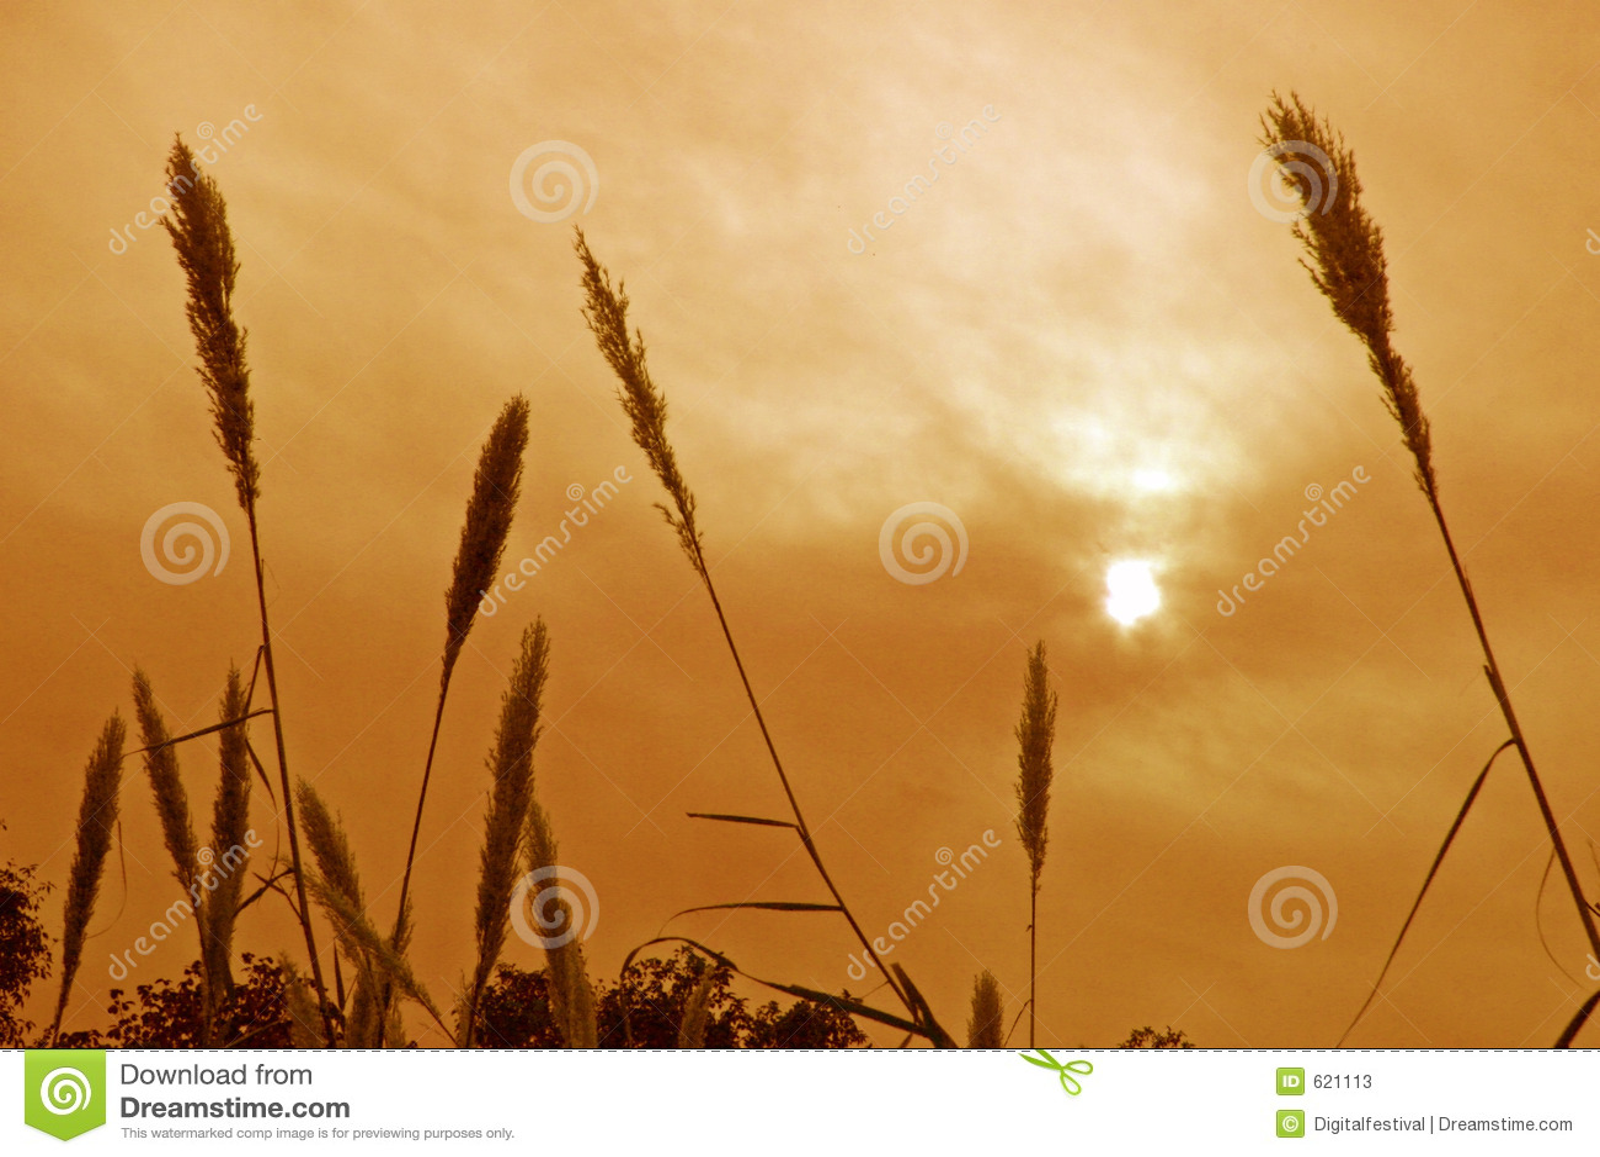 Grama e plantas mostradas em silhueta de encontro ao sol